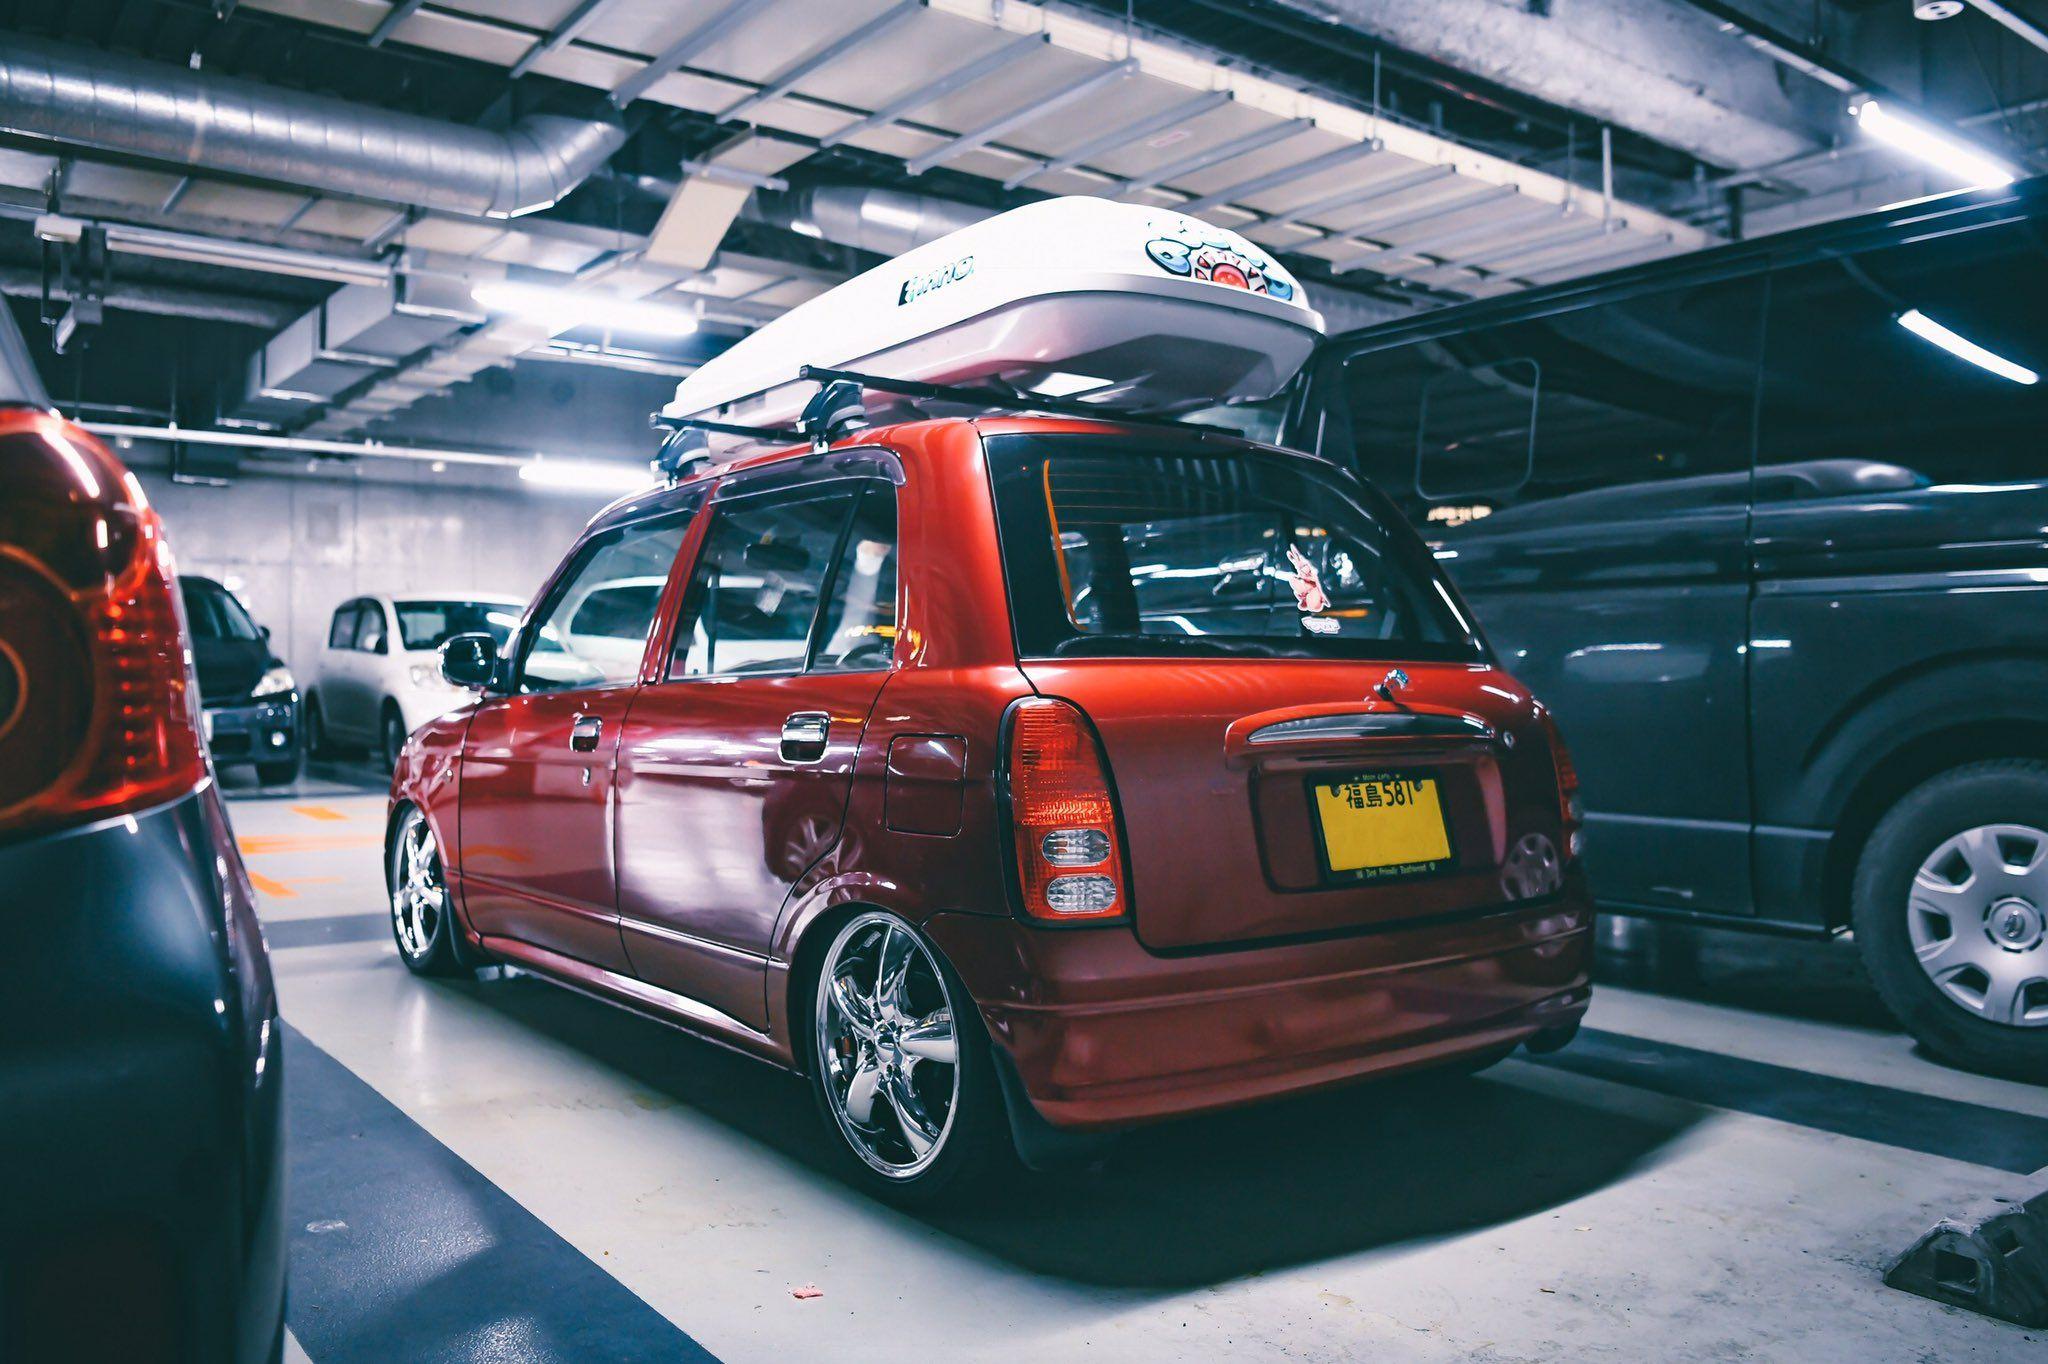 さようなら ハイソカー トヨタ マークx生産終了イベント開催